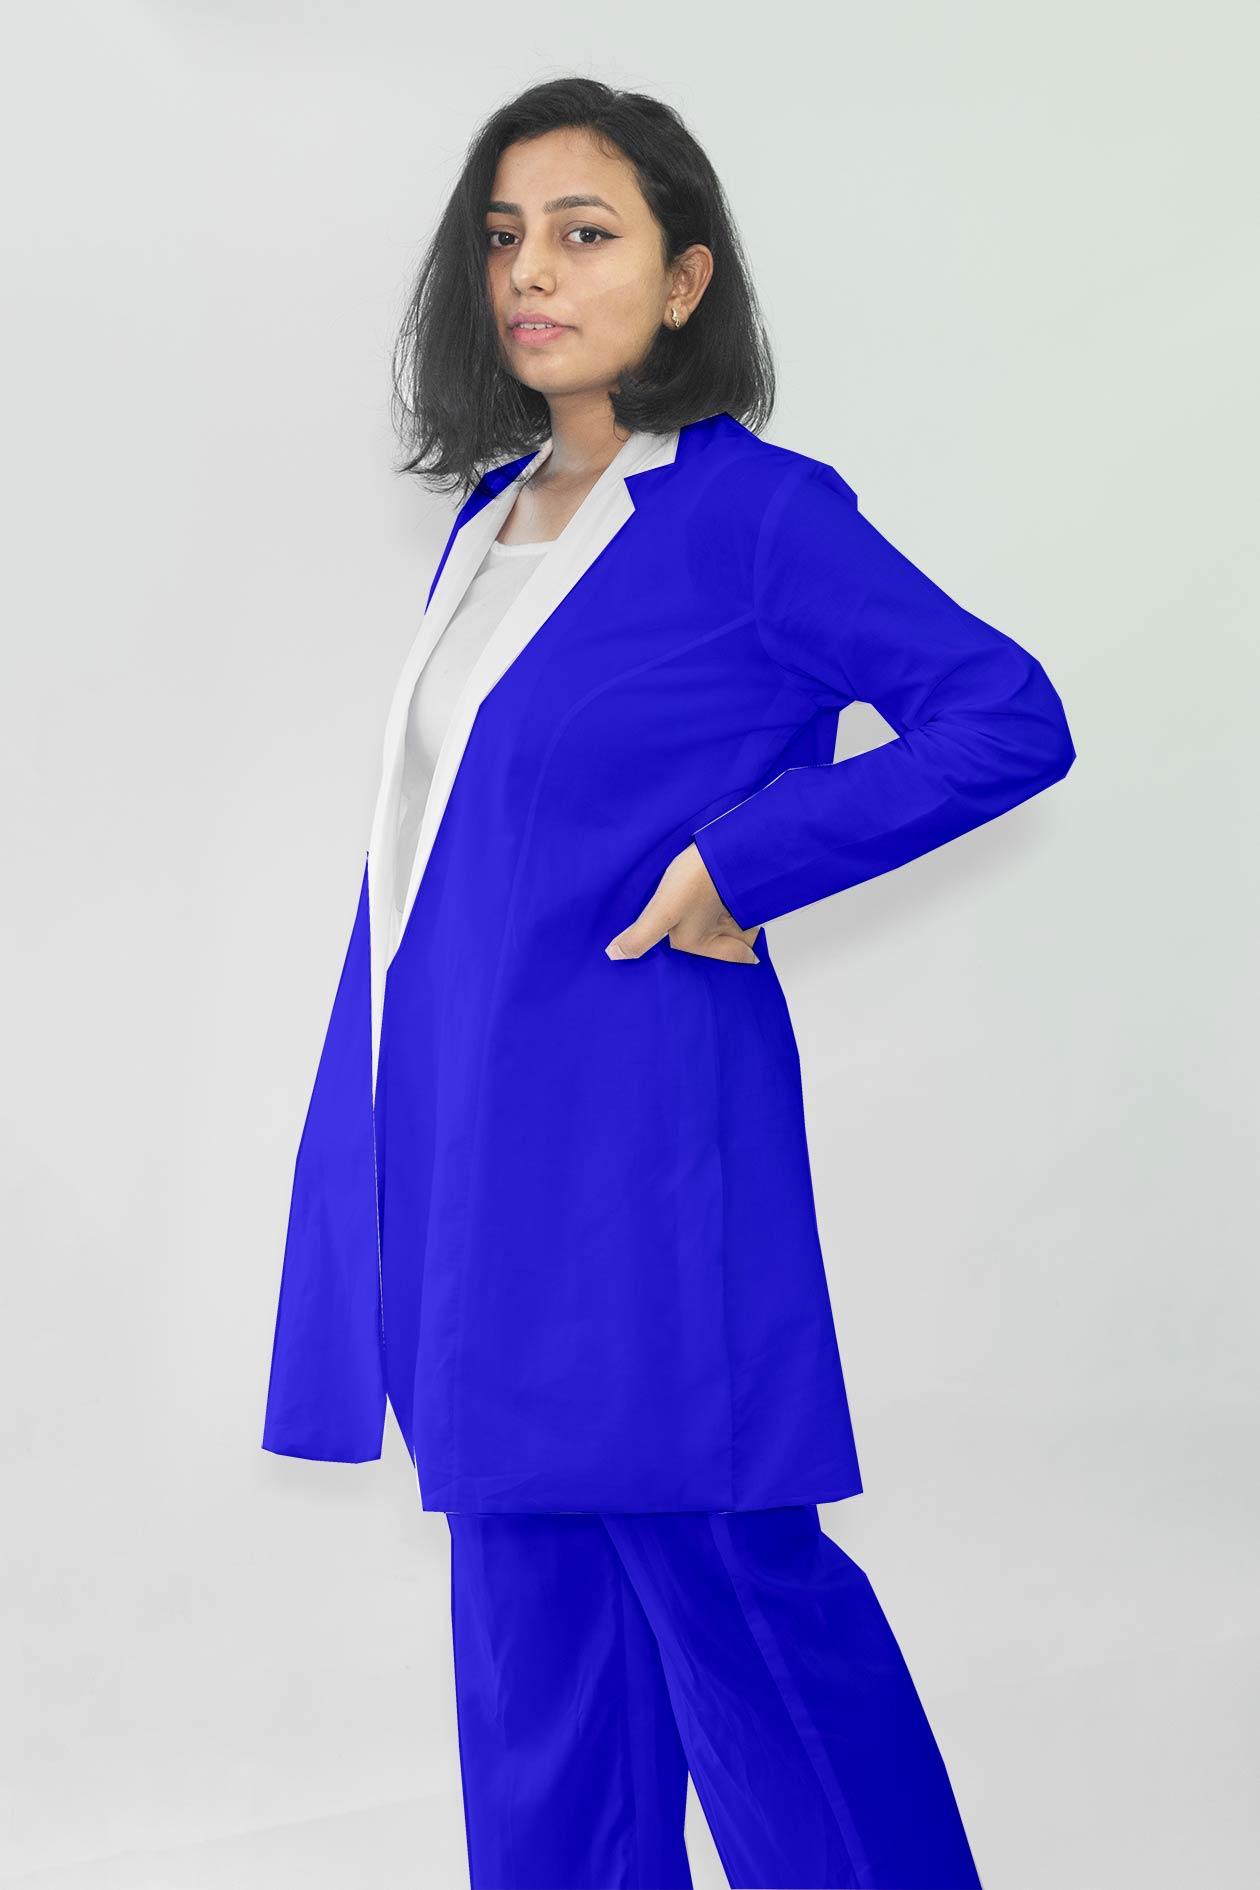 Cotton Co-ords-Monochrome (Royal Blue)